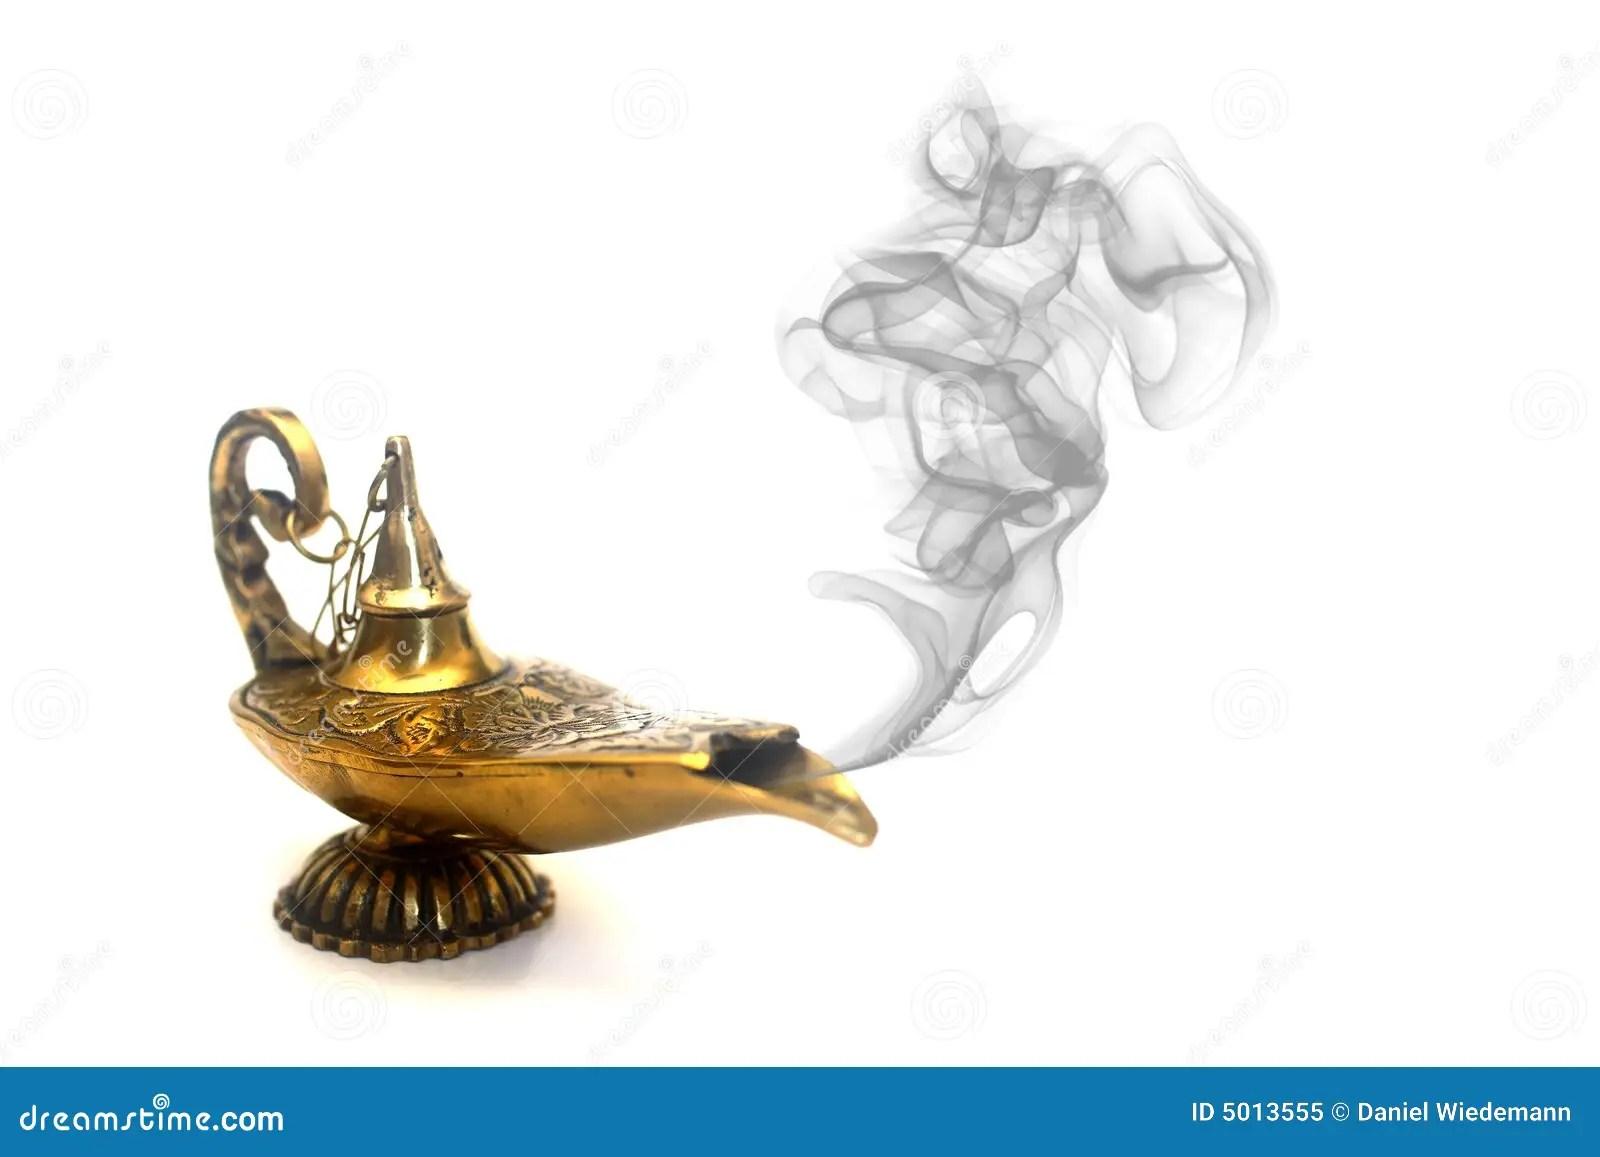 Smoking Genie Lamp stock image. Image of aladin, arabian